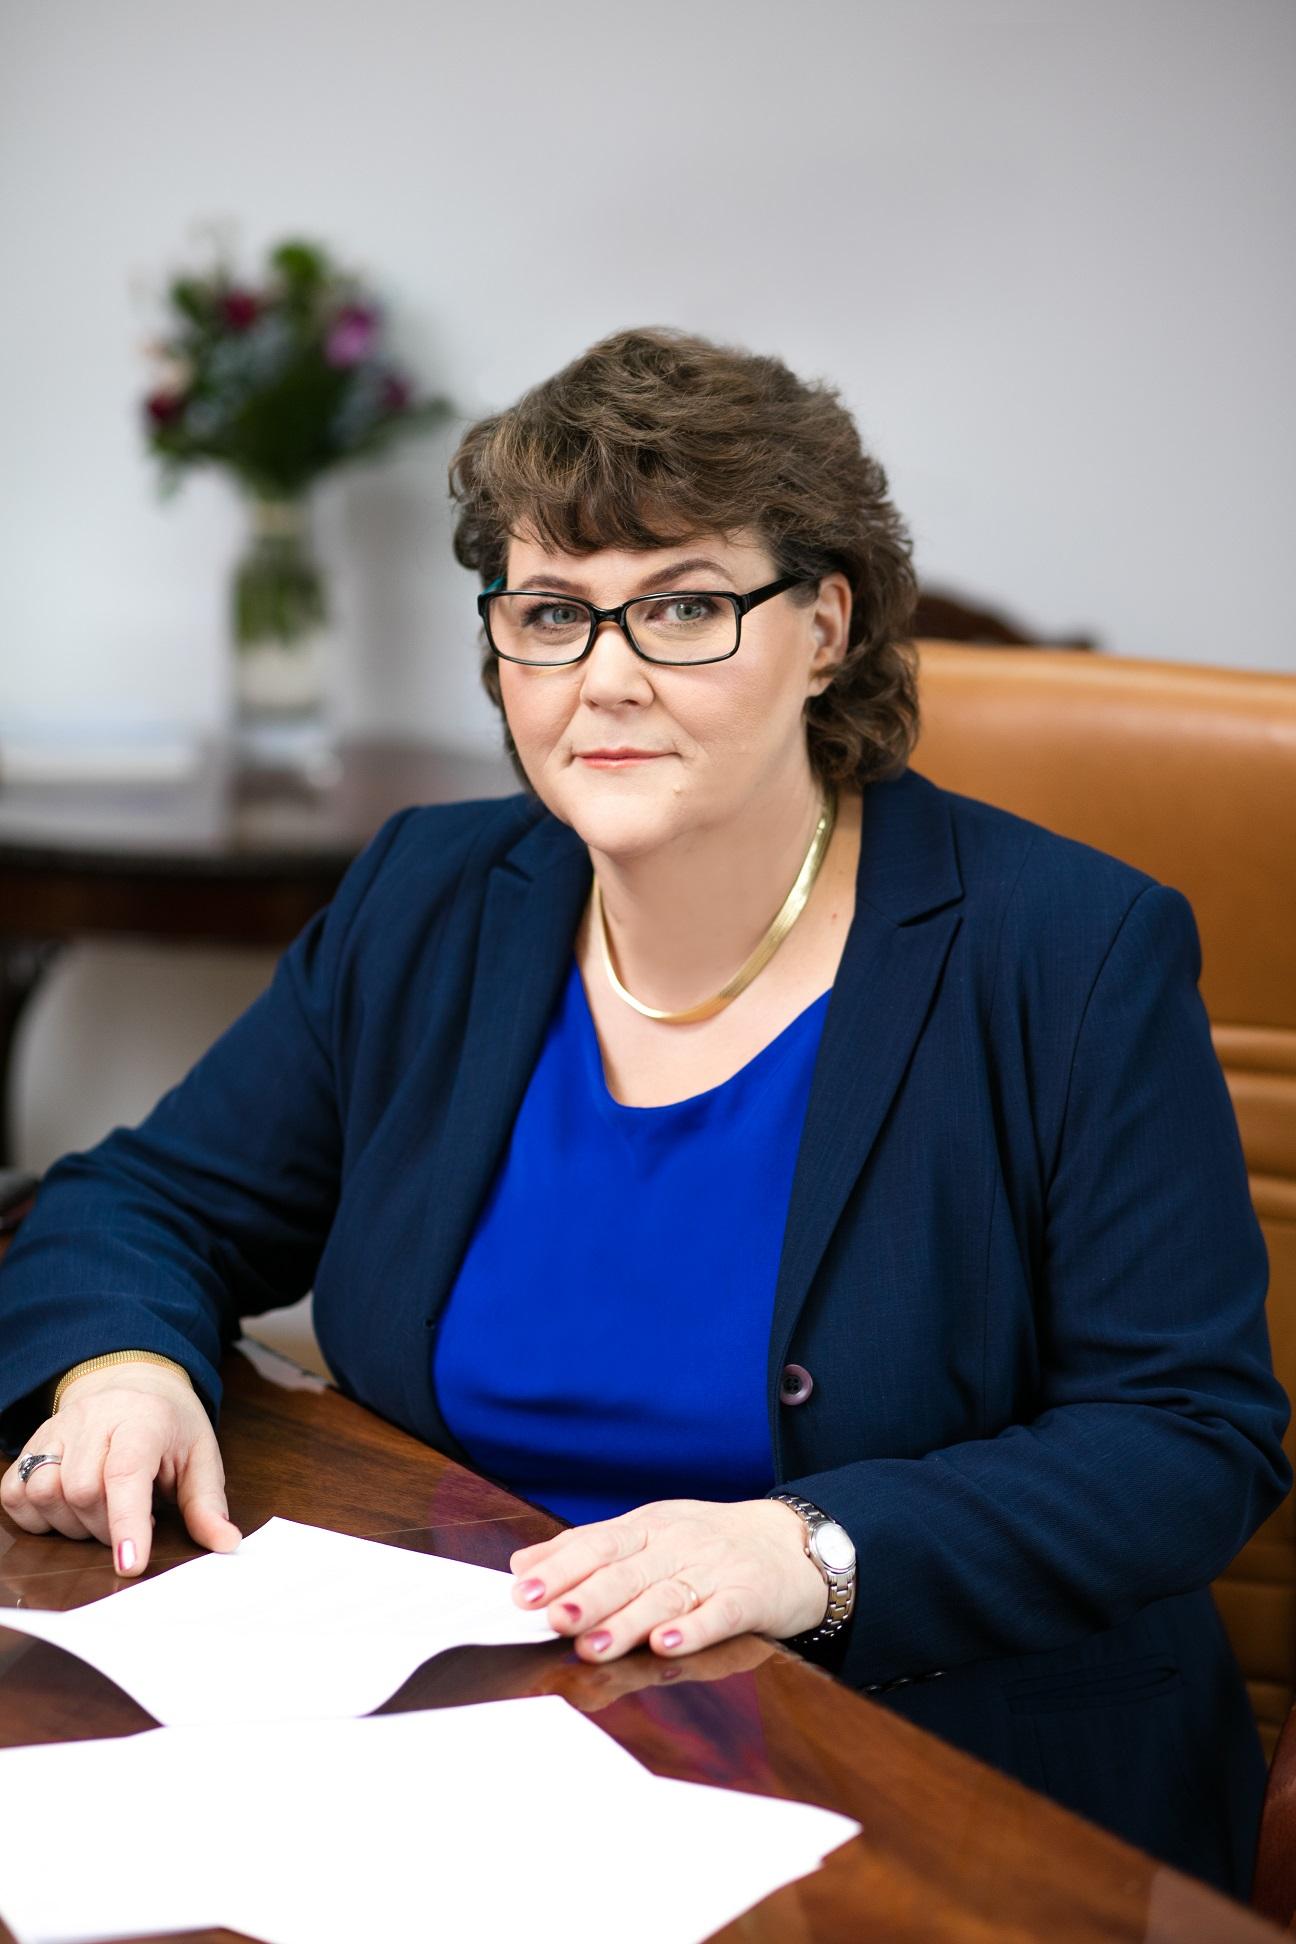 Grazyna Kierznowska